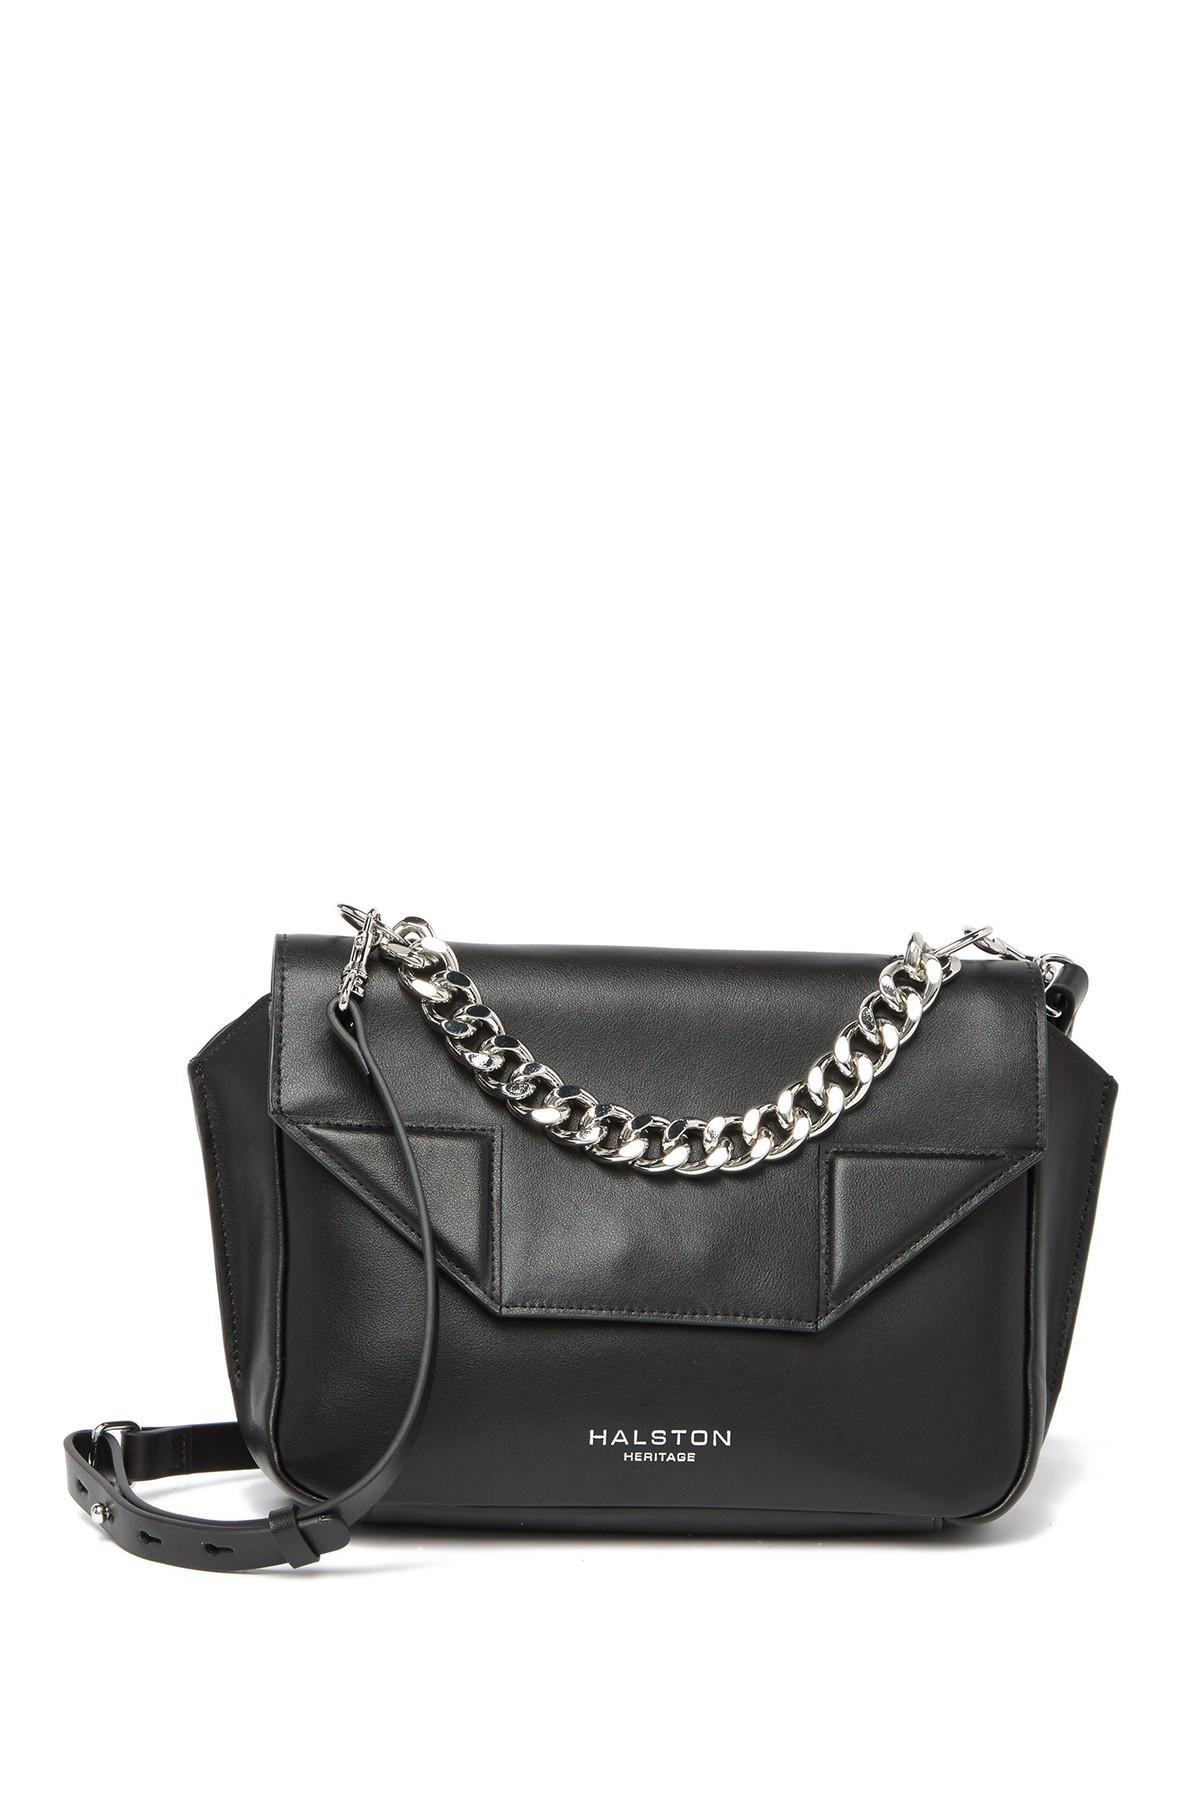 6df1050a46 Lyst - Halston Leather Crossbody Bag in Black